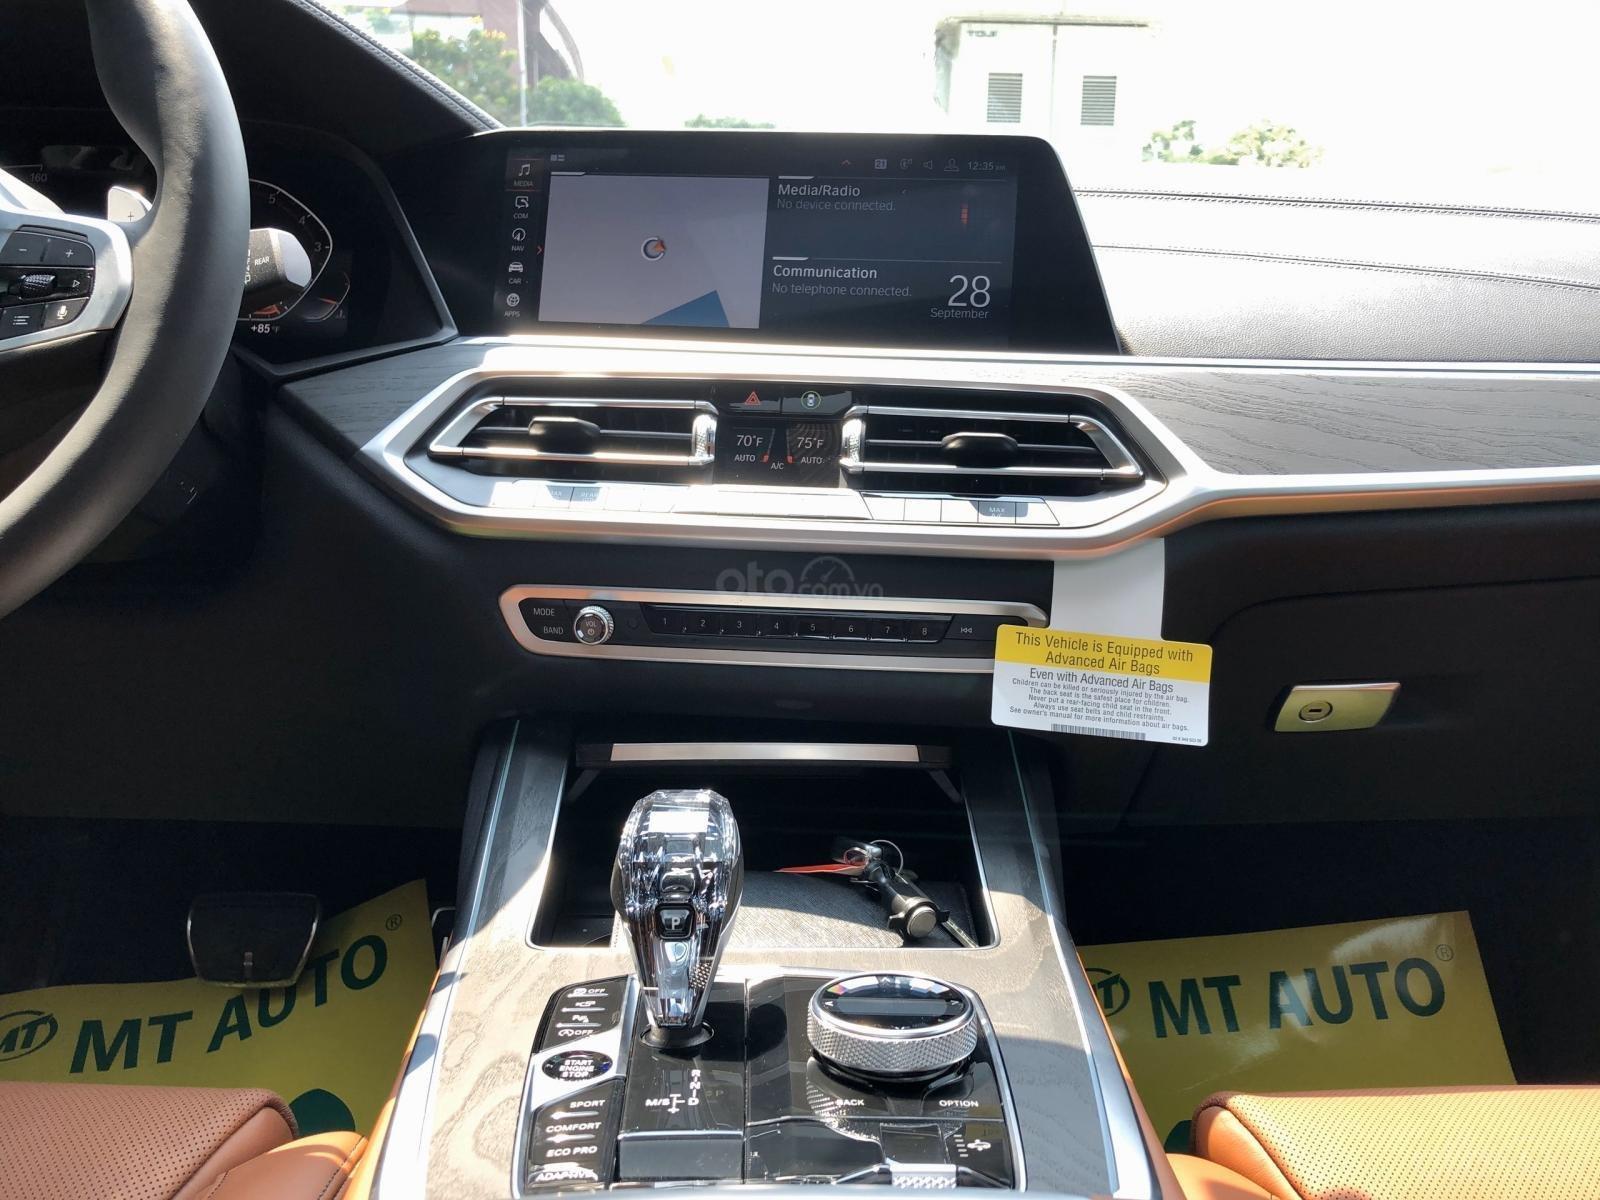 Bán BMW X7 XDrive40i M-Sport sản xuất năm 2019 full kịch option, màu đen, xe nhập Mỹ, mới 100% giao ngay, LH 0982.84.2838 (14)